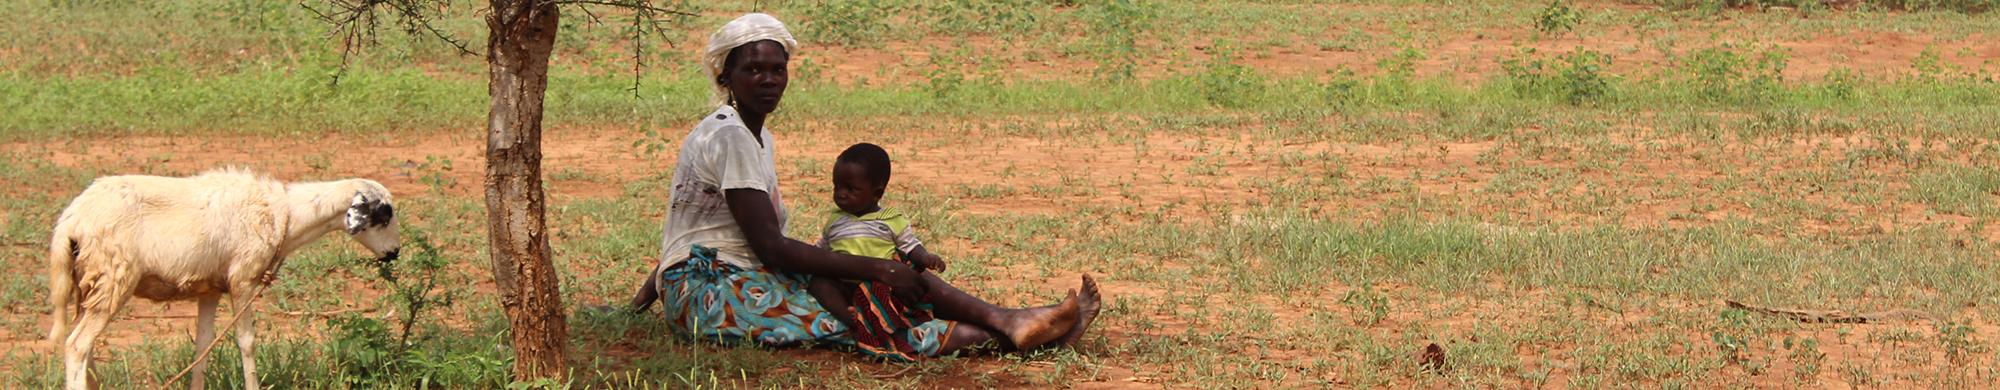 Produire mieux et mettre ses enfants à l'abri de la faim